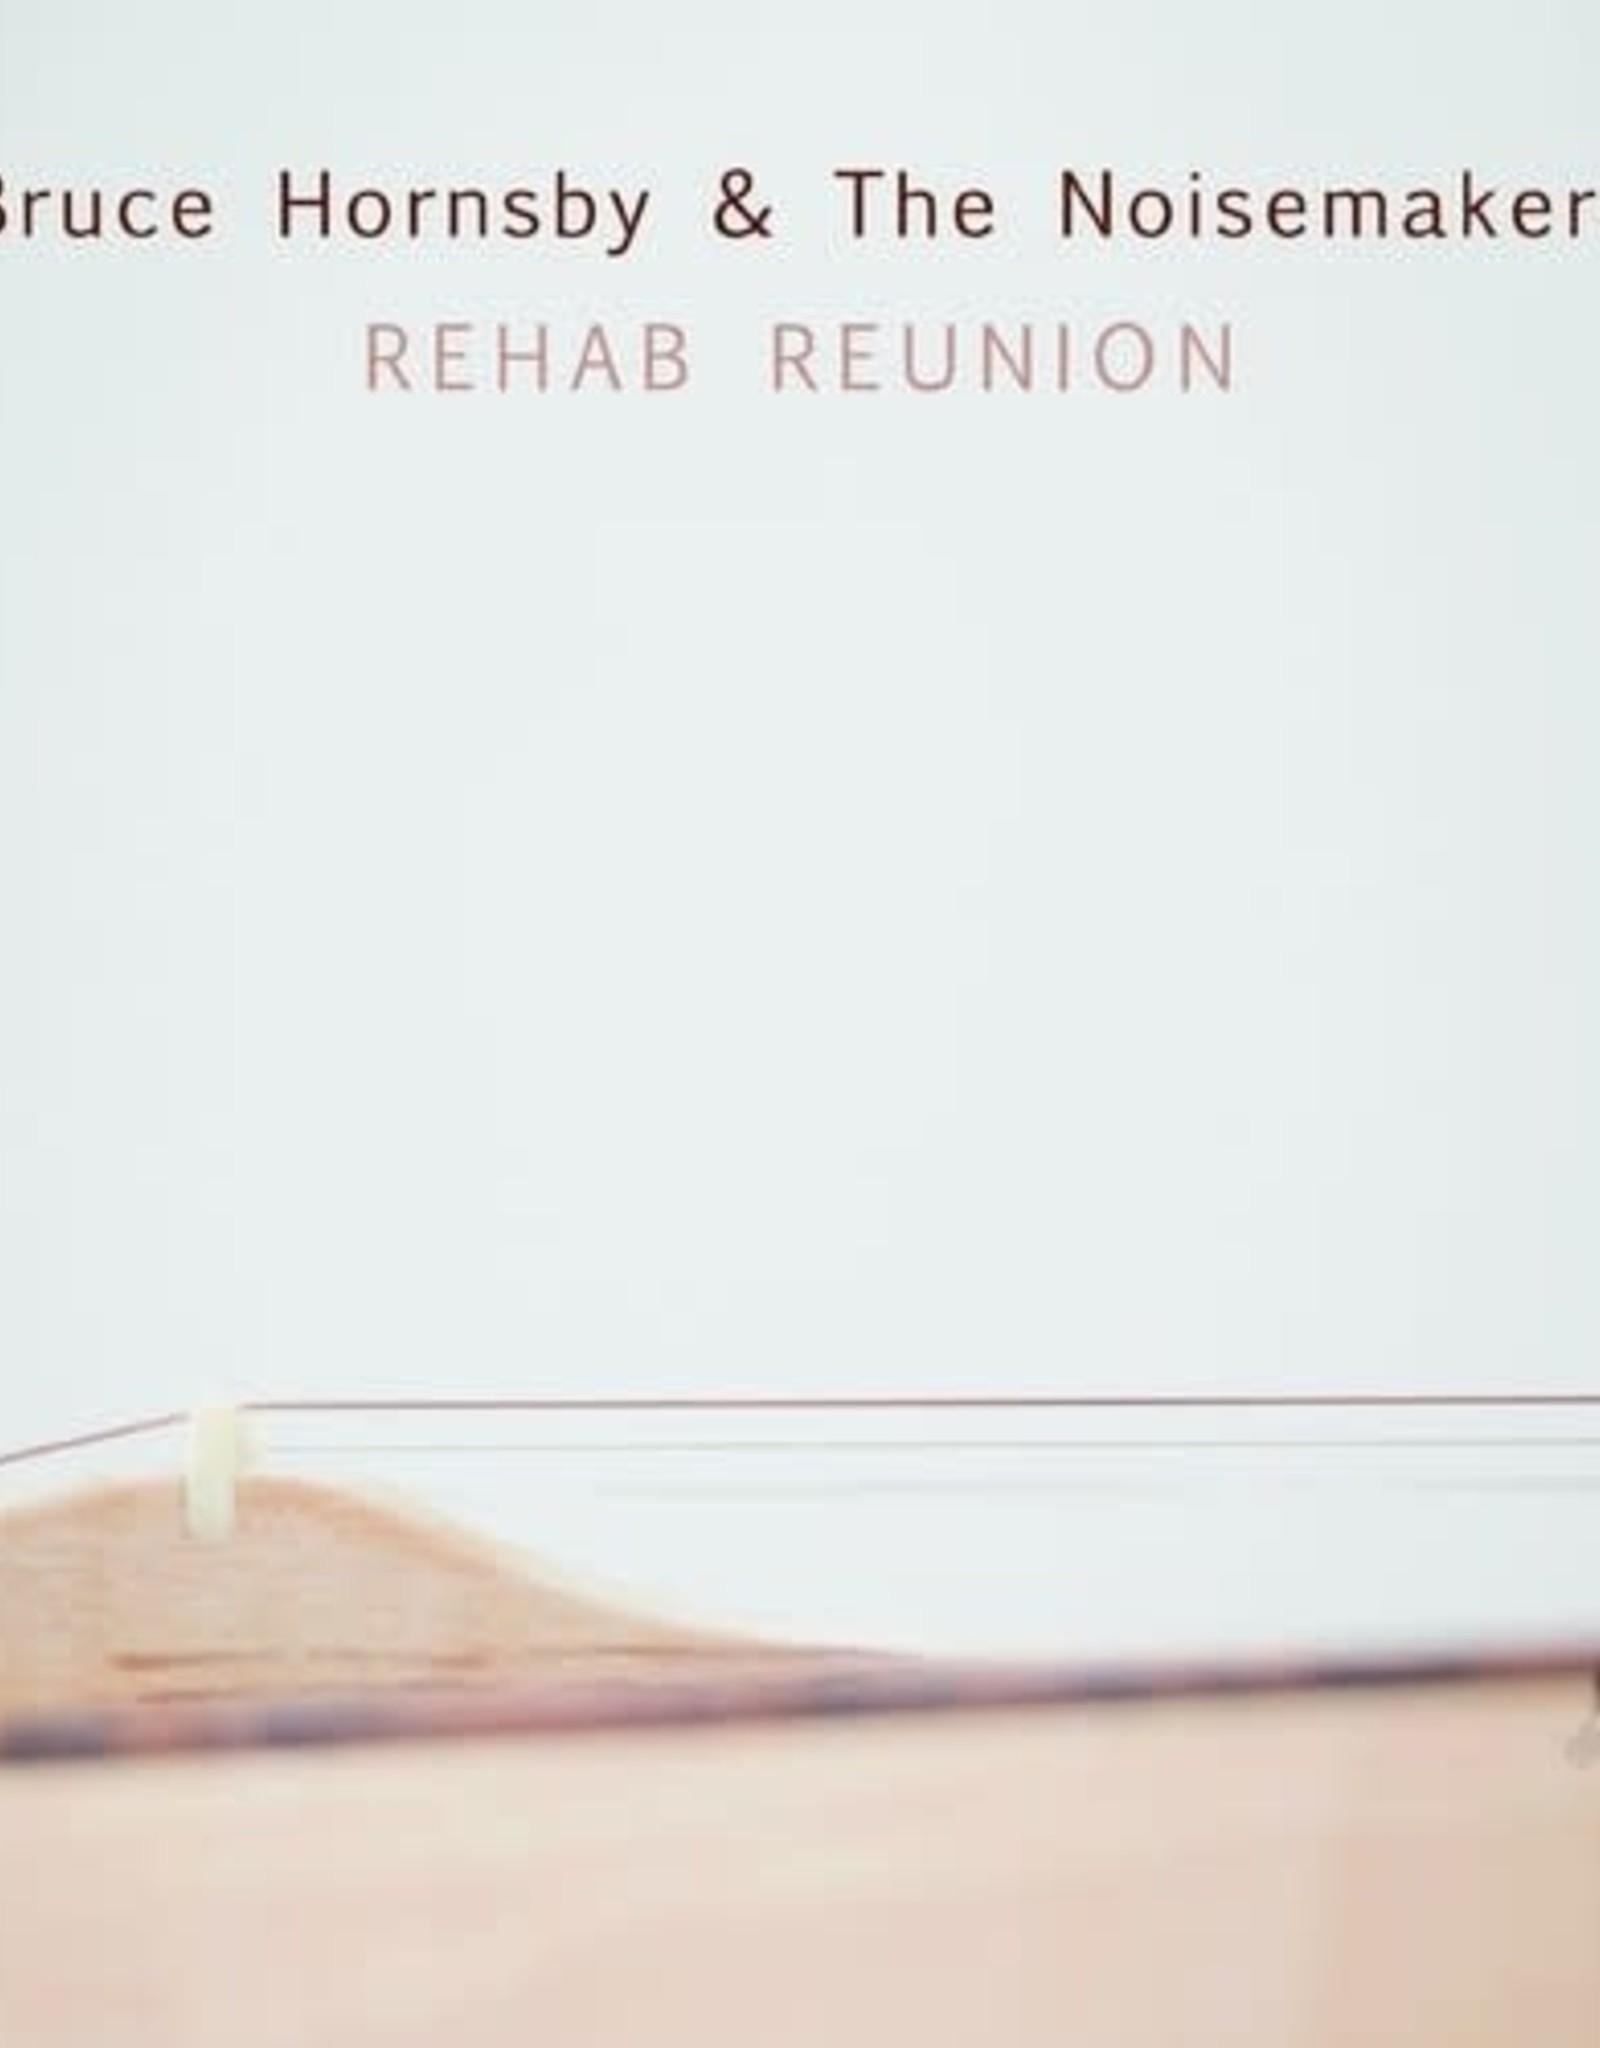 Bruce Hornsby - Rehab Reunion